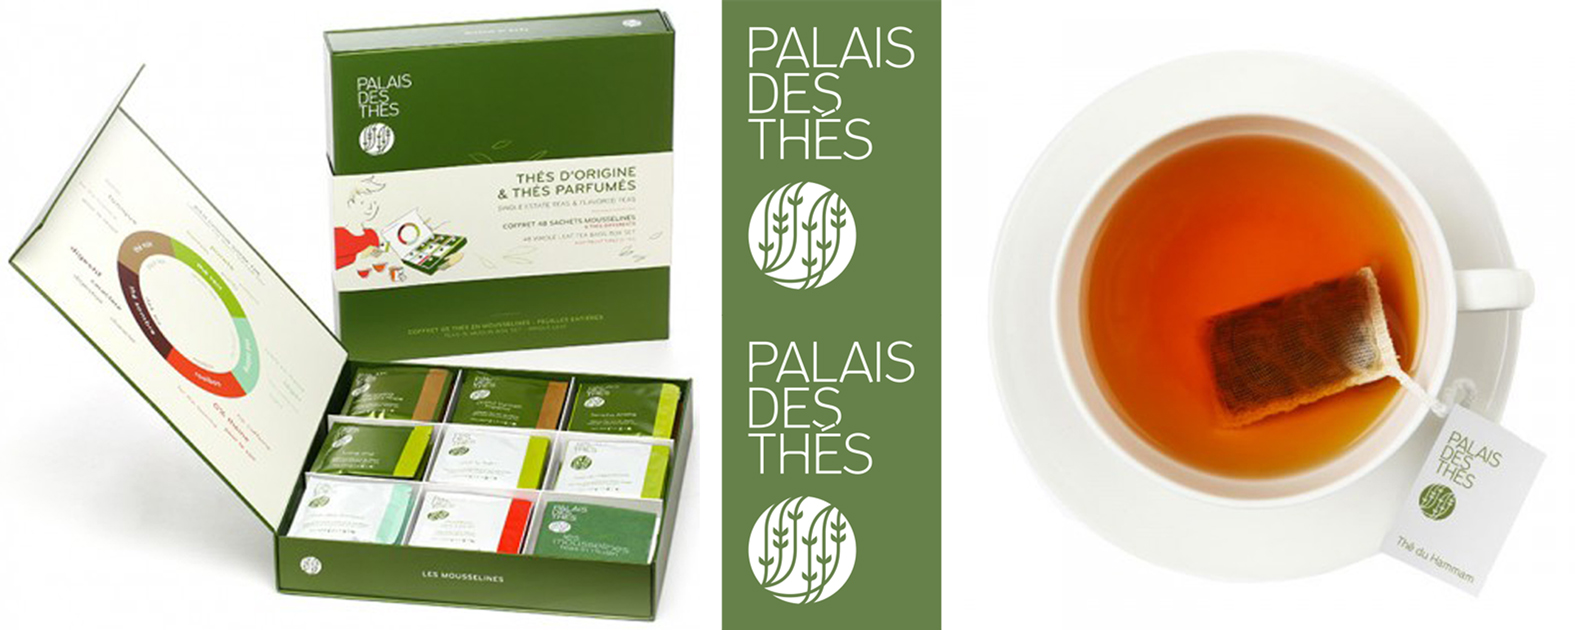 Coffret/Selection Box Le Palais des Thés.